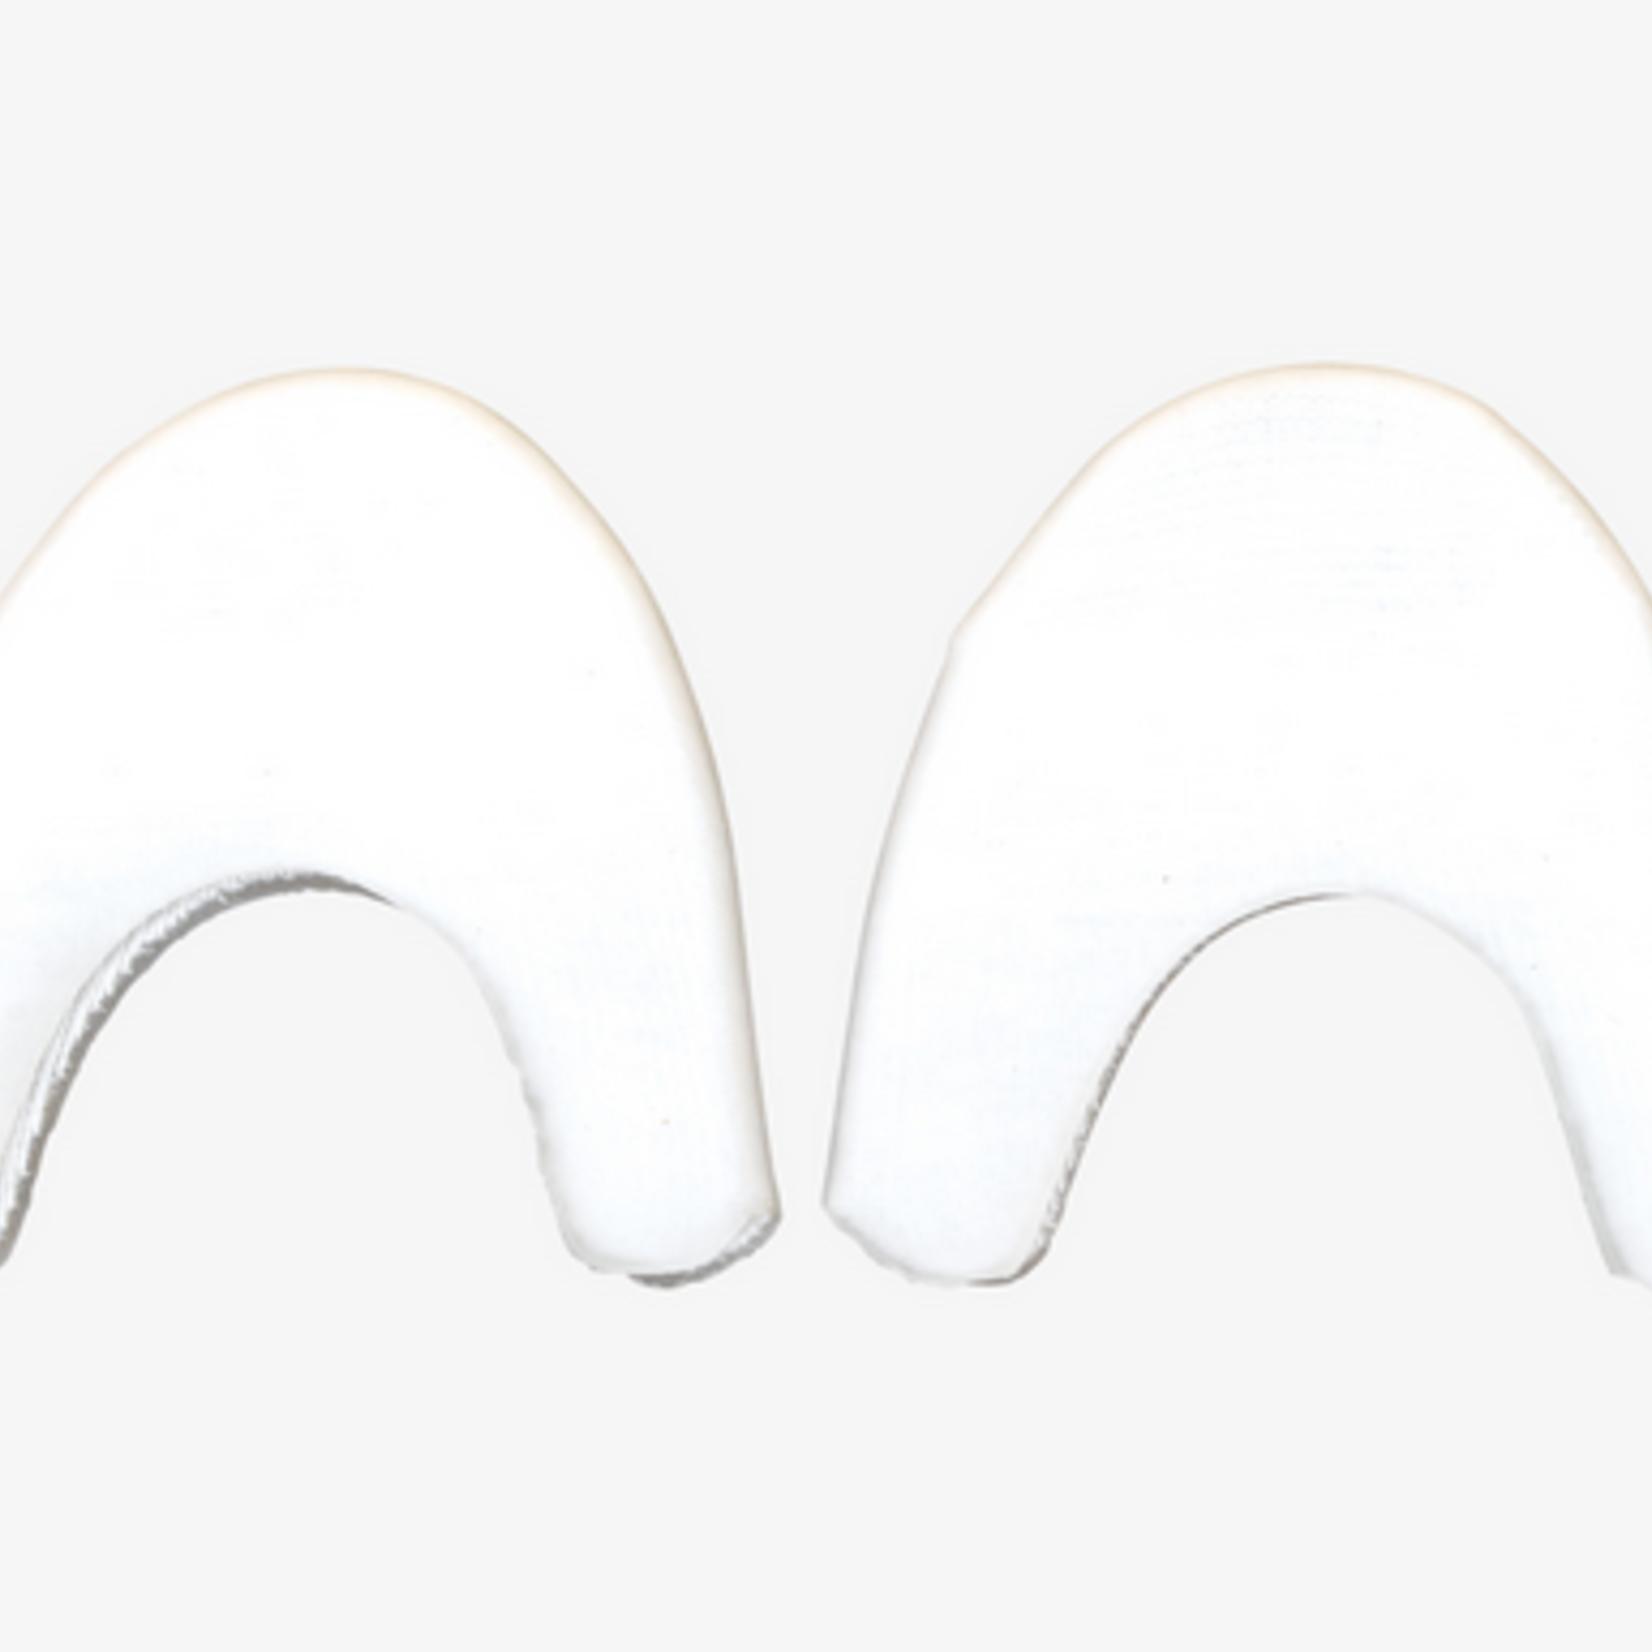 Pillows for Pointes Pillows for Pointes Gellows Toe Pads